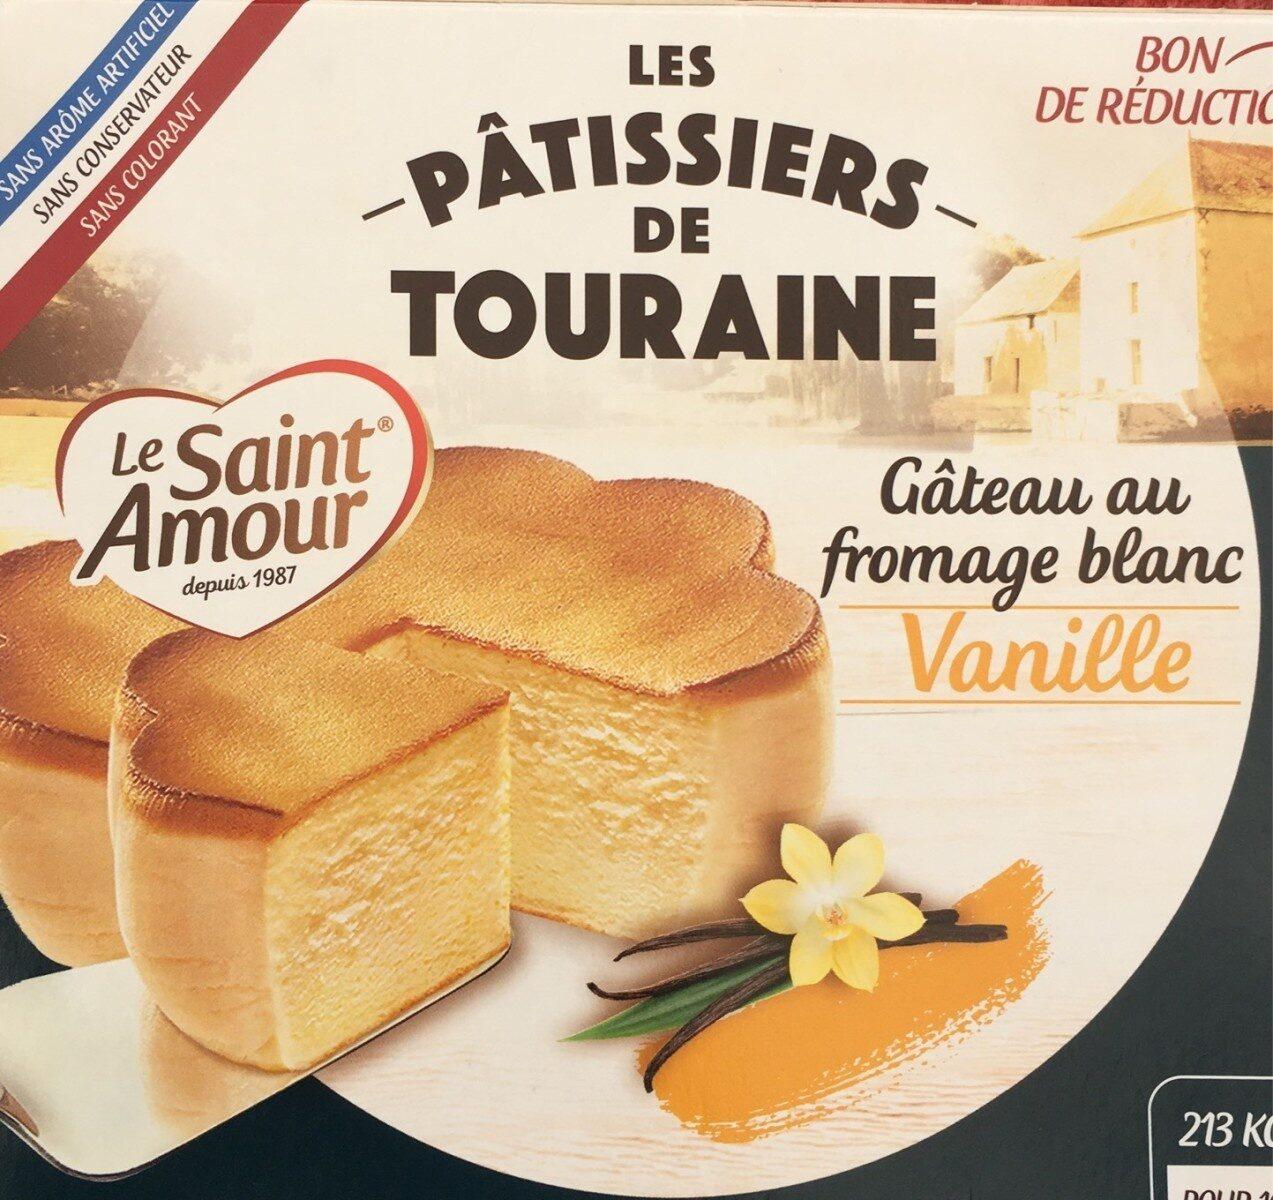 Le Saint Amour Gâteau au fromage blanc Vanille - Product - fr